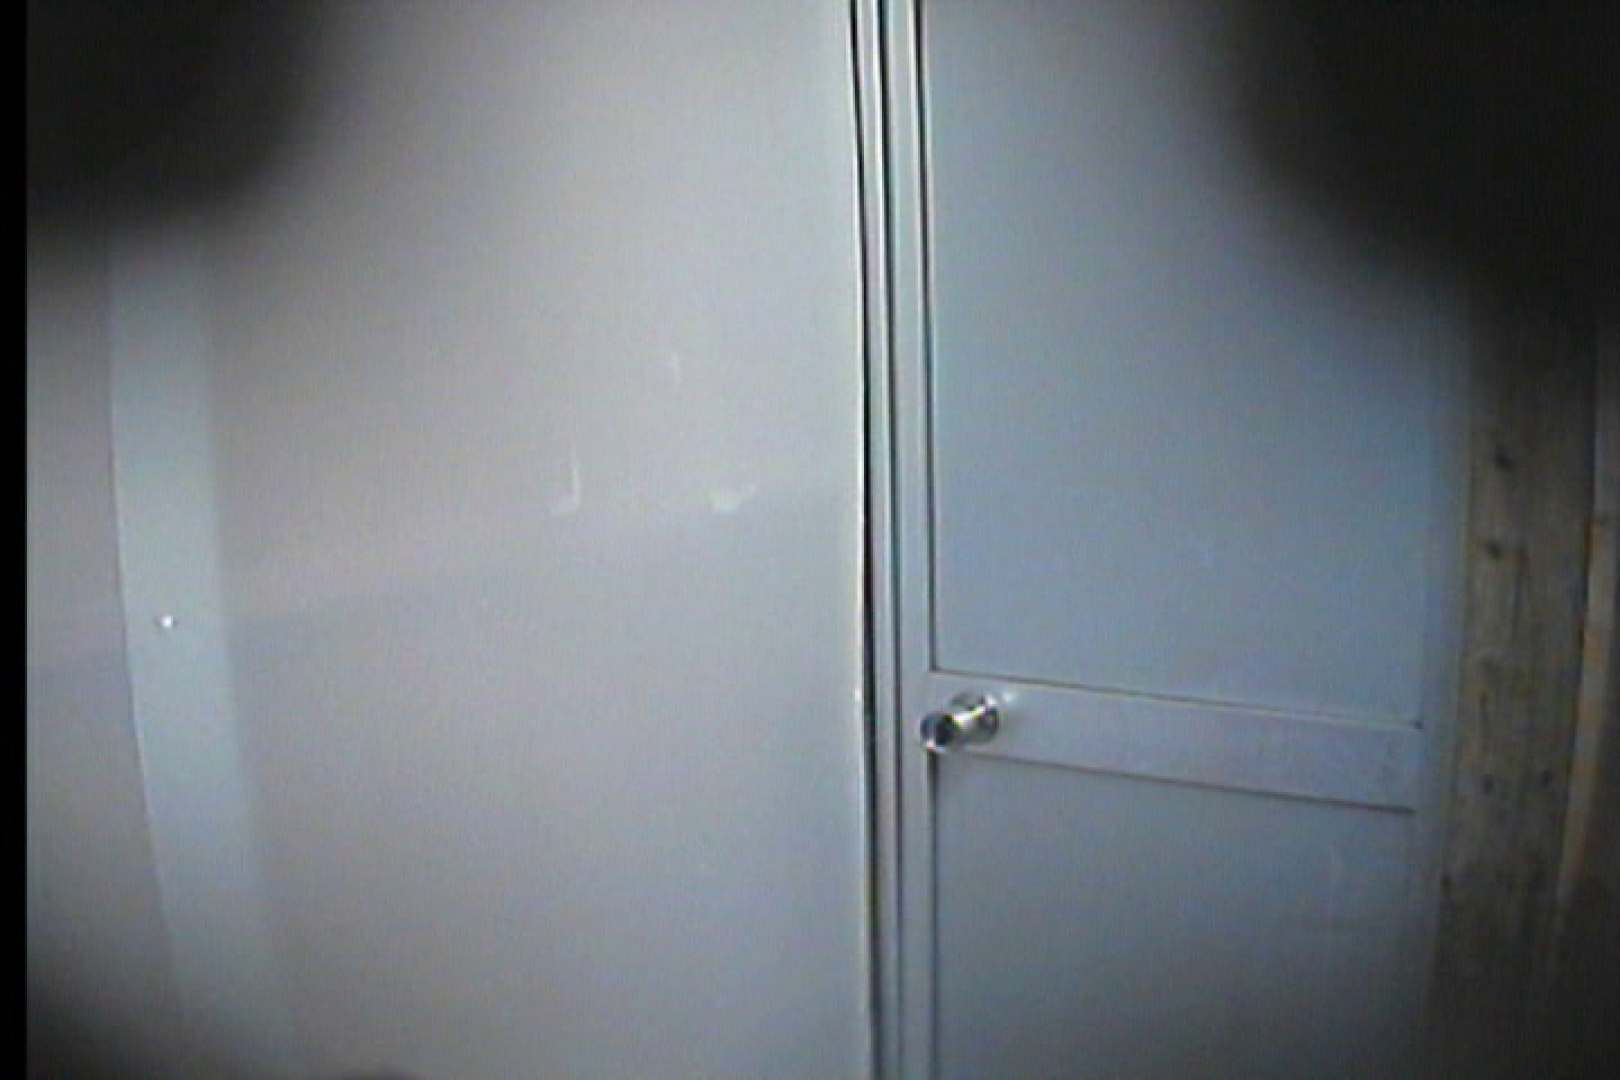 海の家の更衣室 Vol.16 OL   美女達のヌード  23連発 9